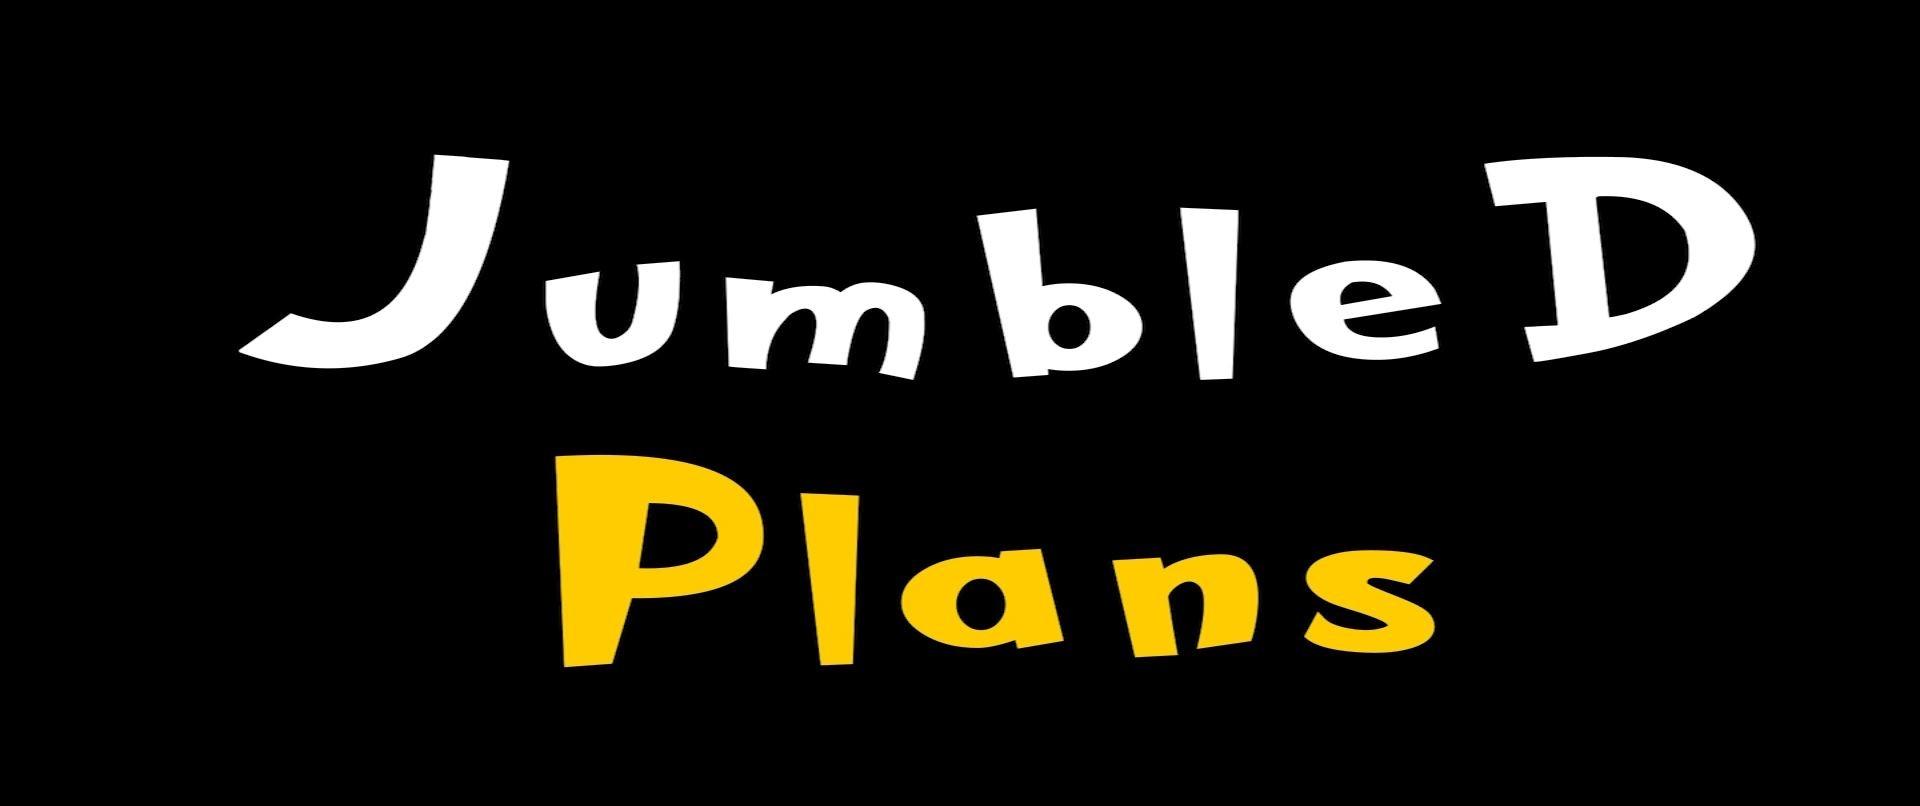 Jumbled Plans